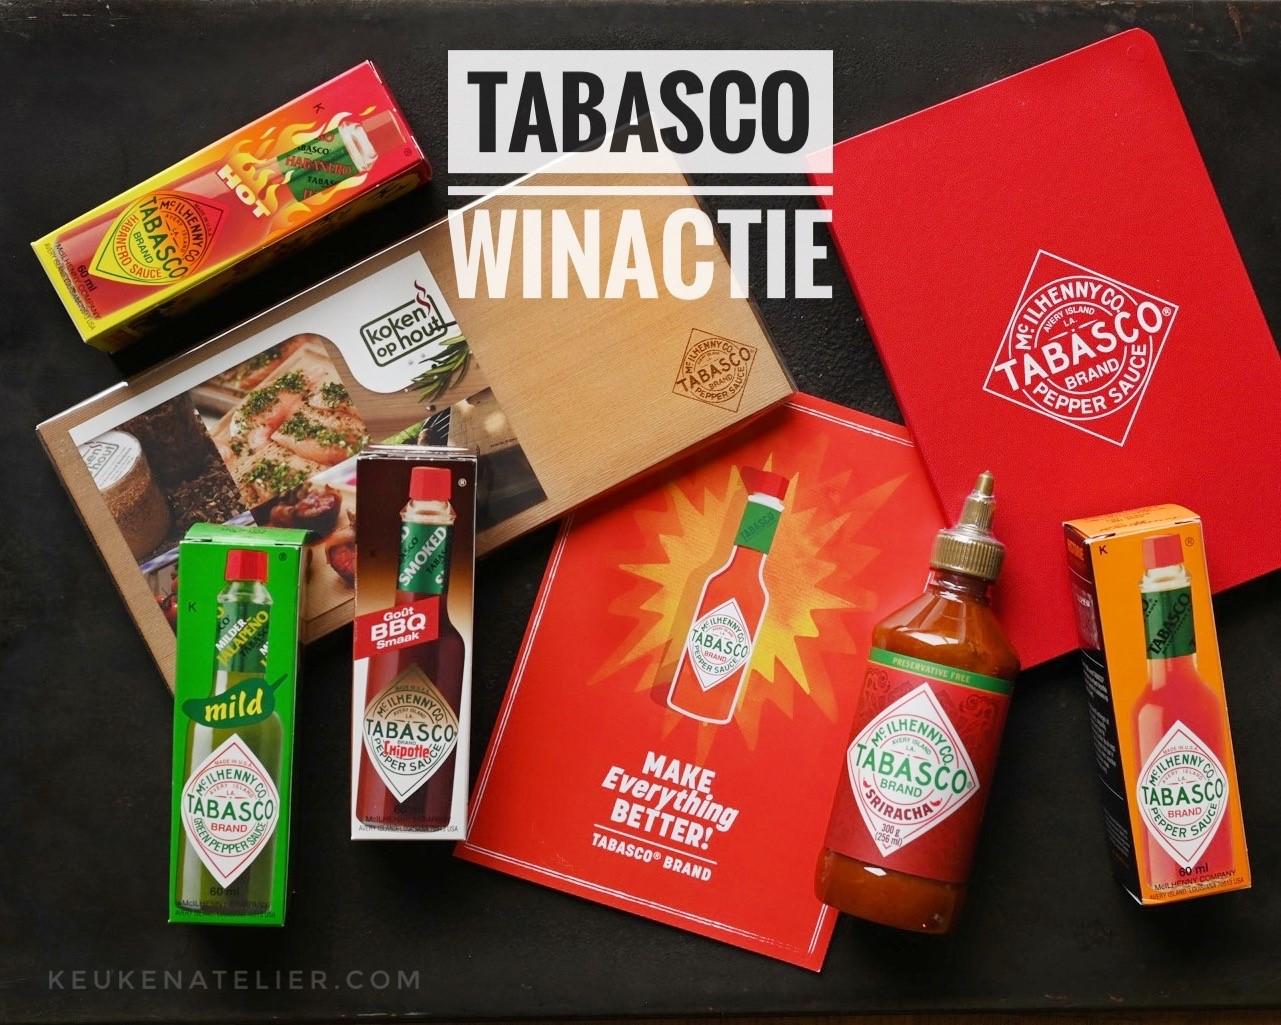 Tabasco winactie